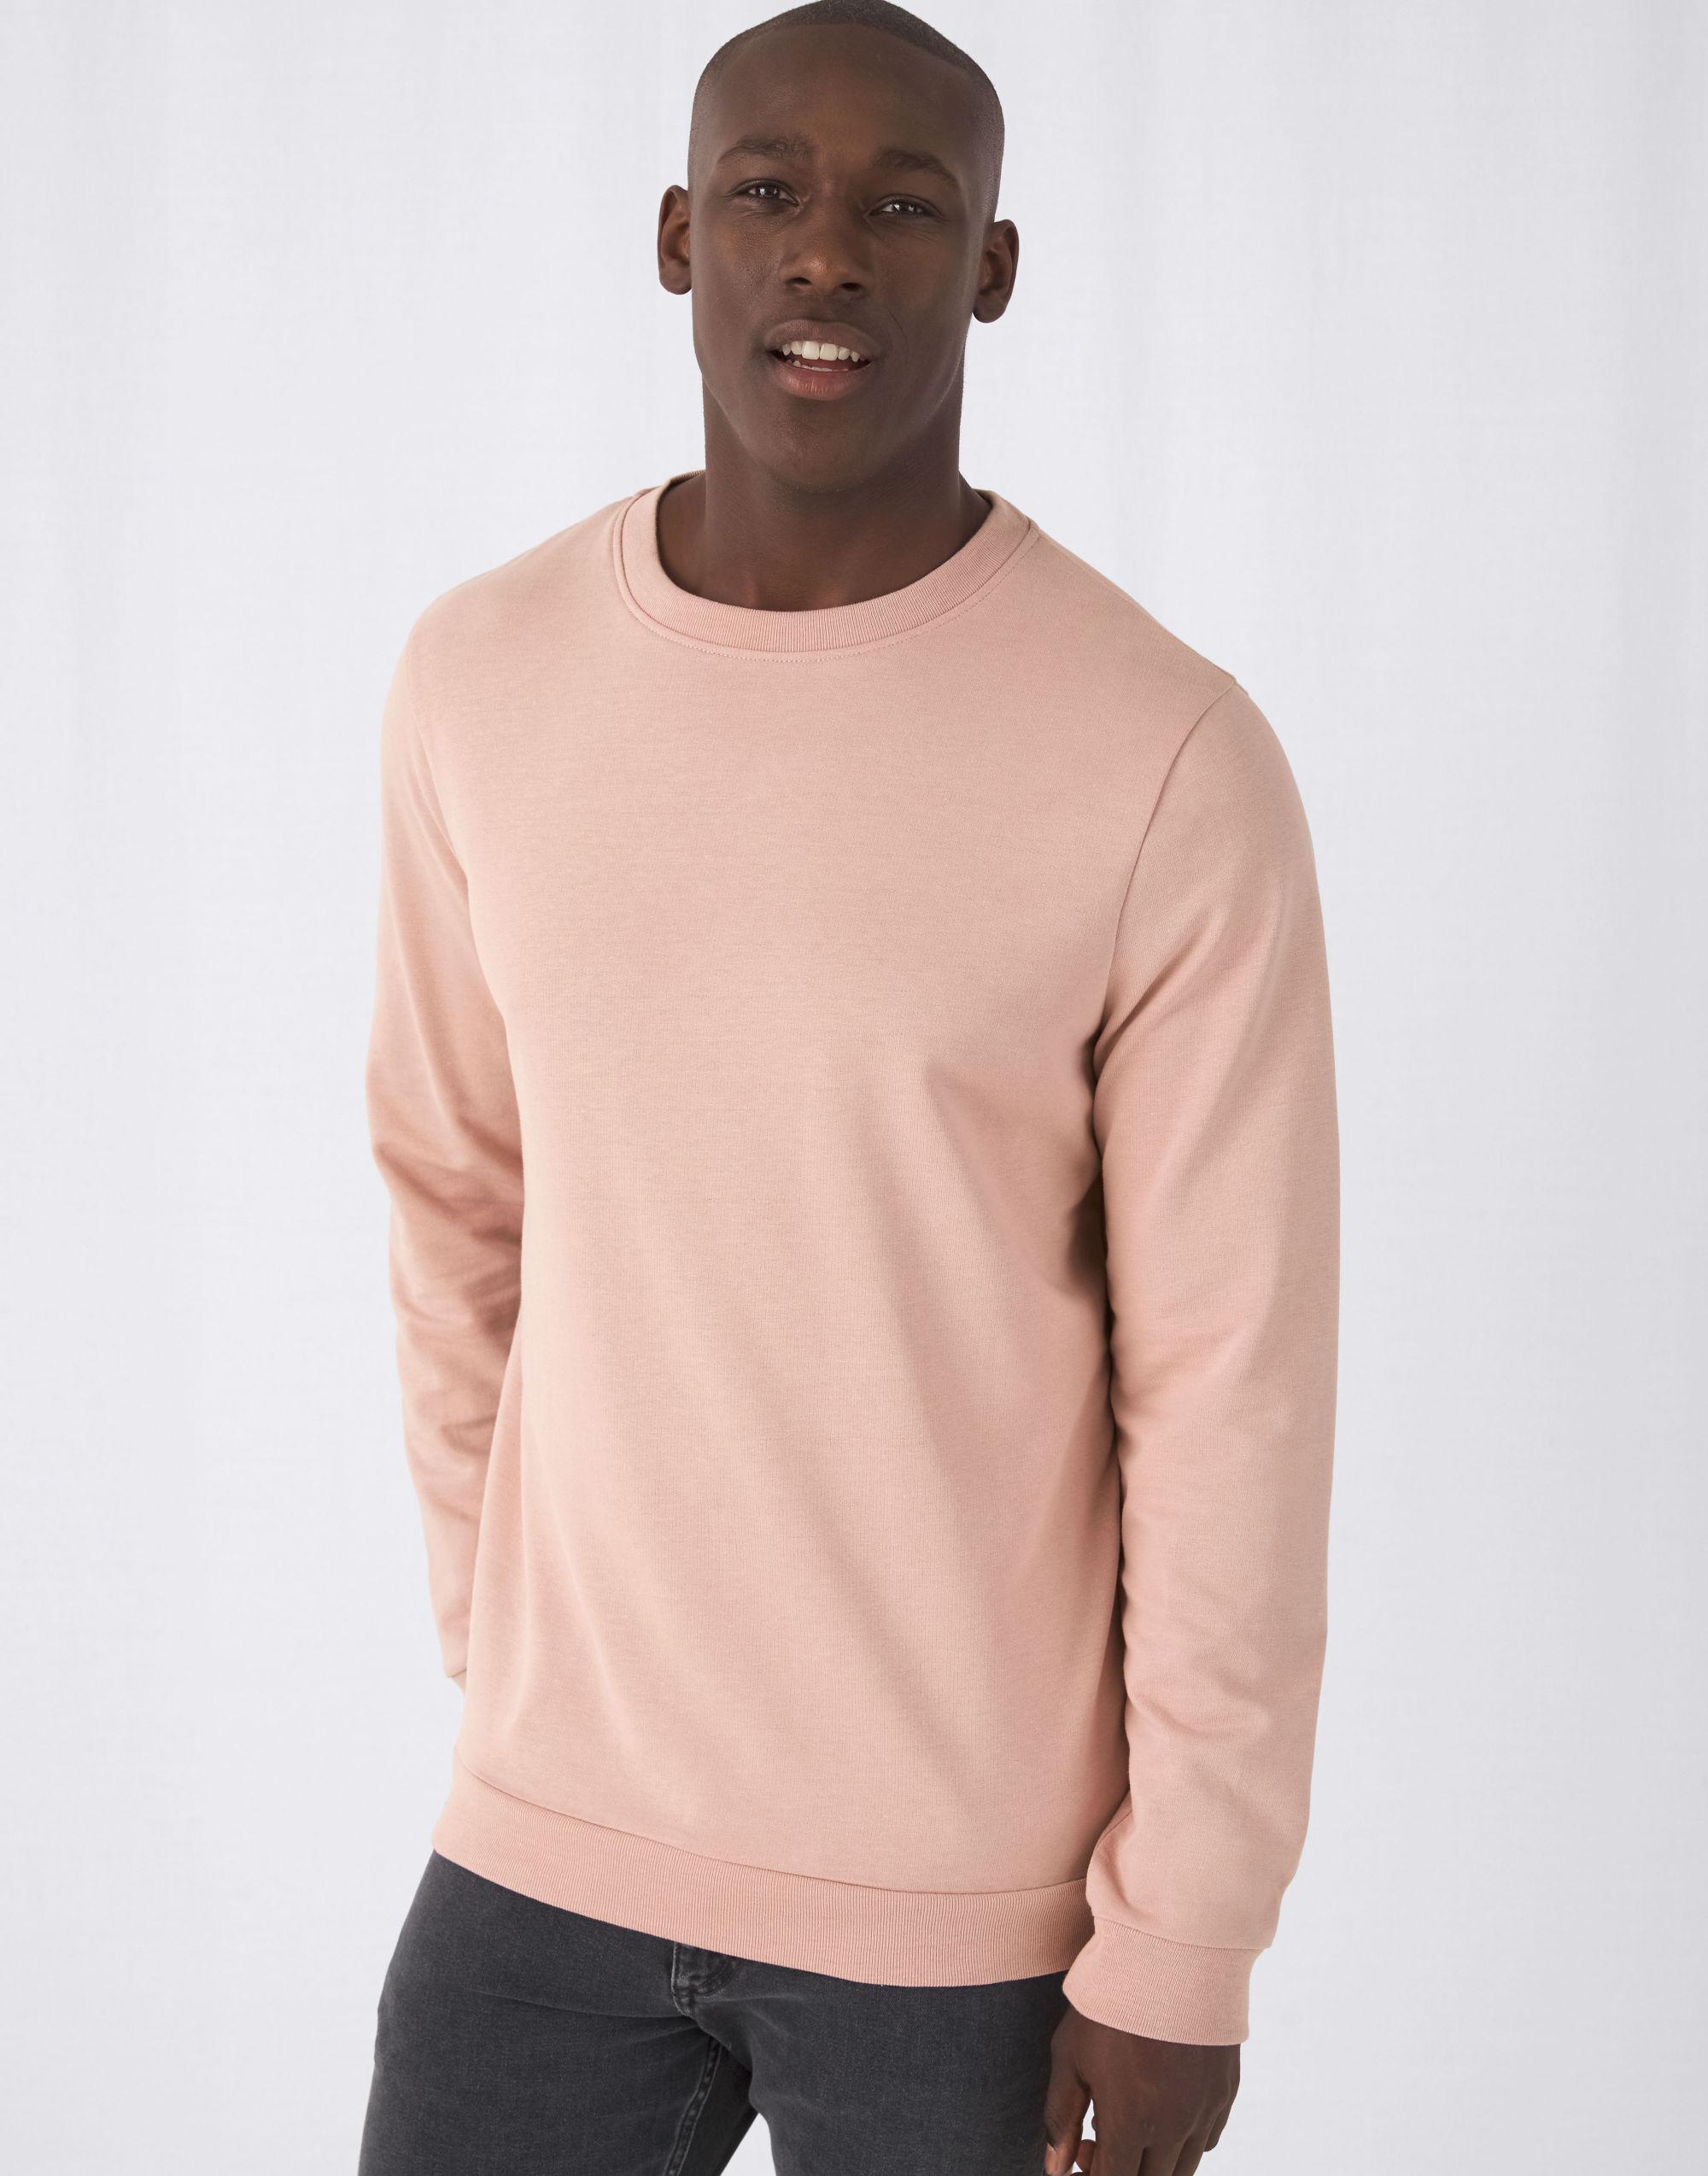 B&C Men's #Set In Sweatshirt